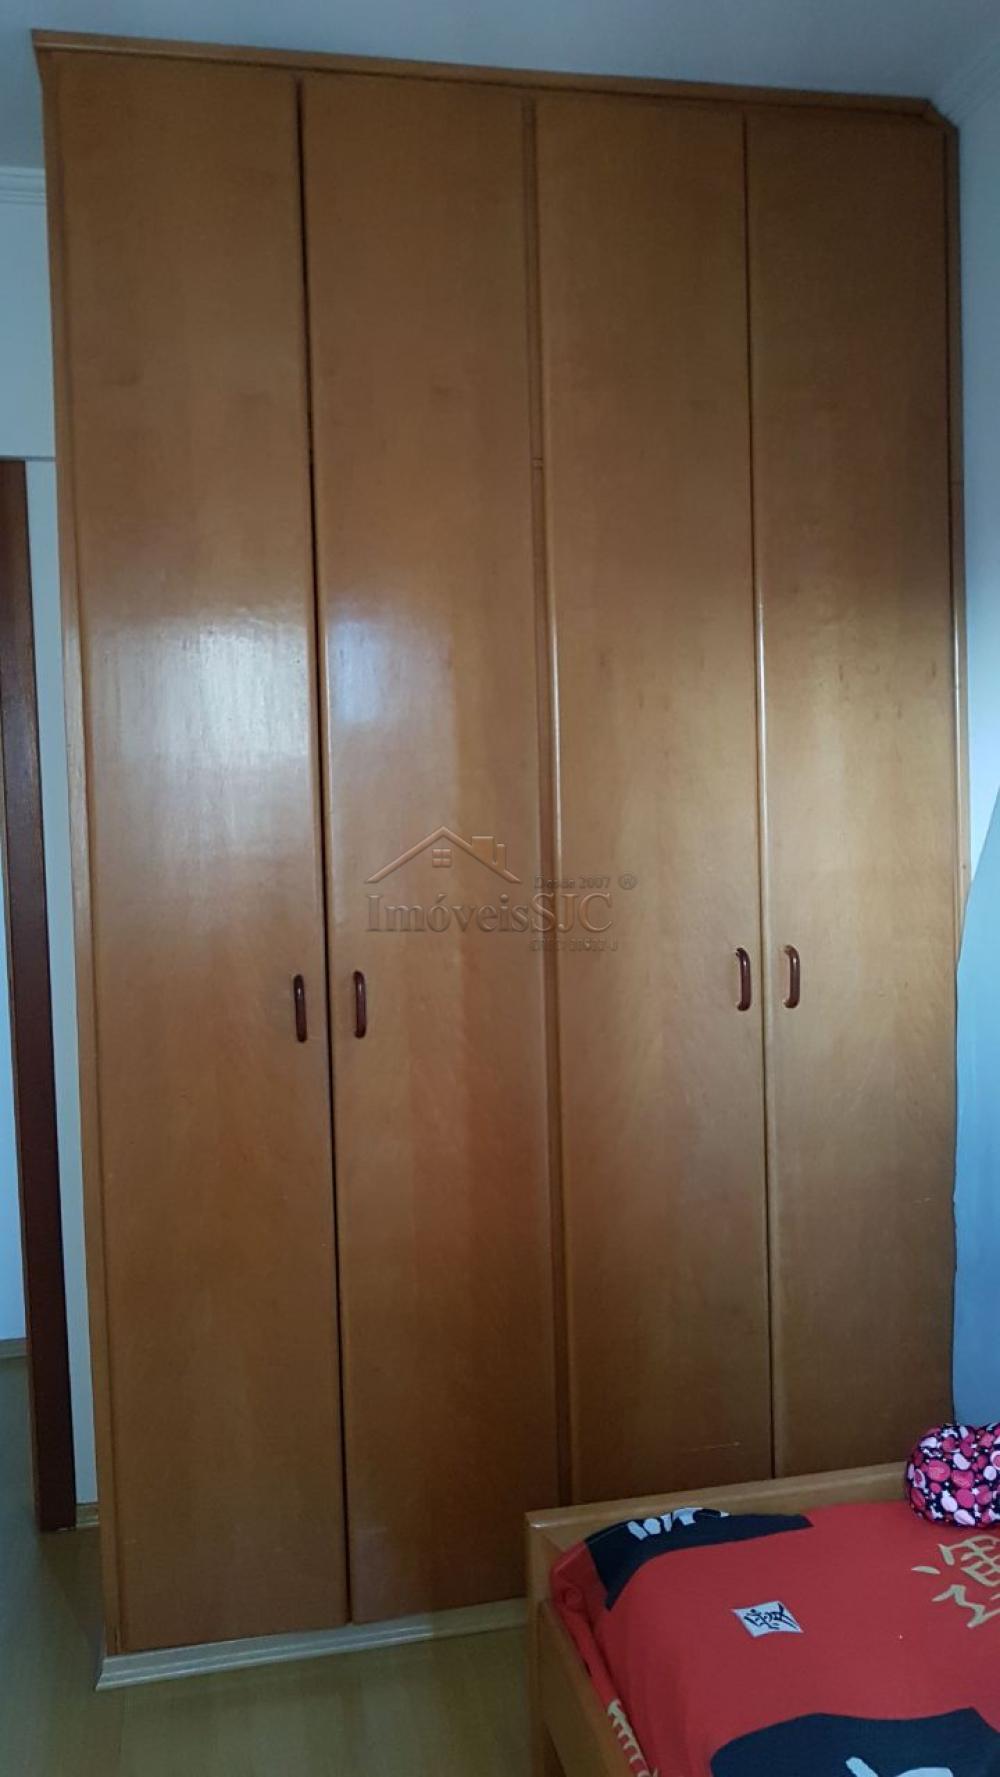 Comprar Apartamentos / Padrão em São José dos Campos apenas R$ 370.000,00 - Foto 7